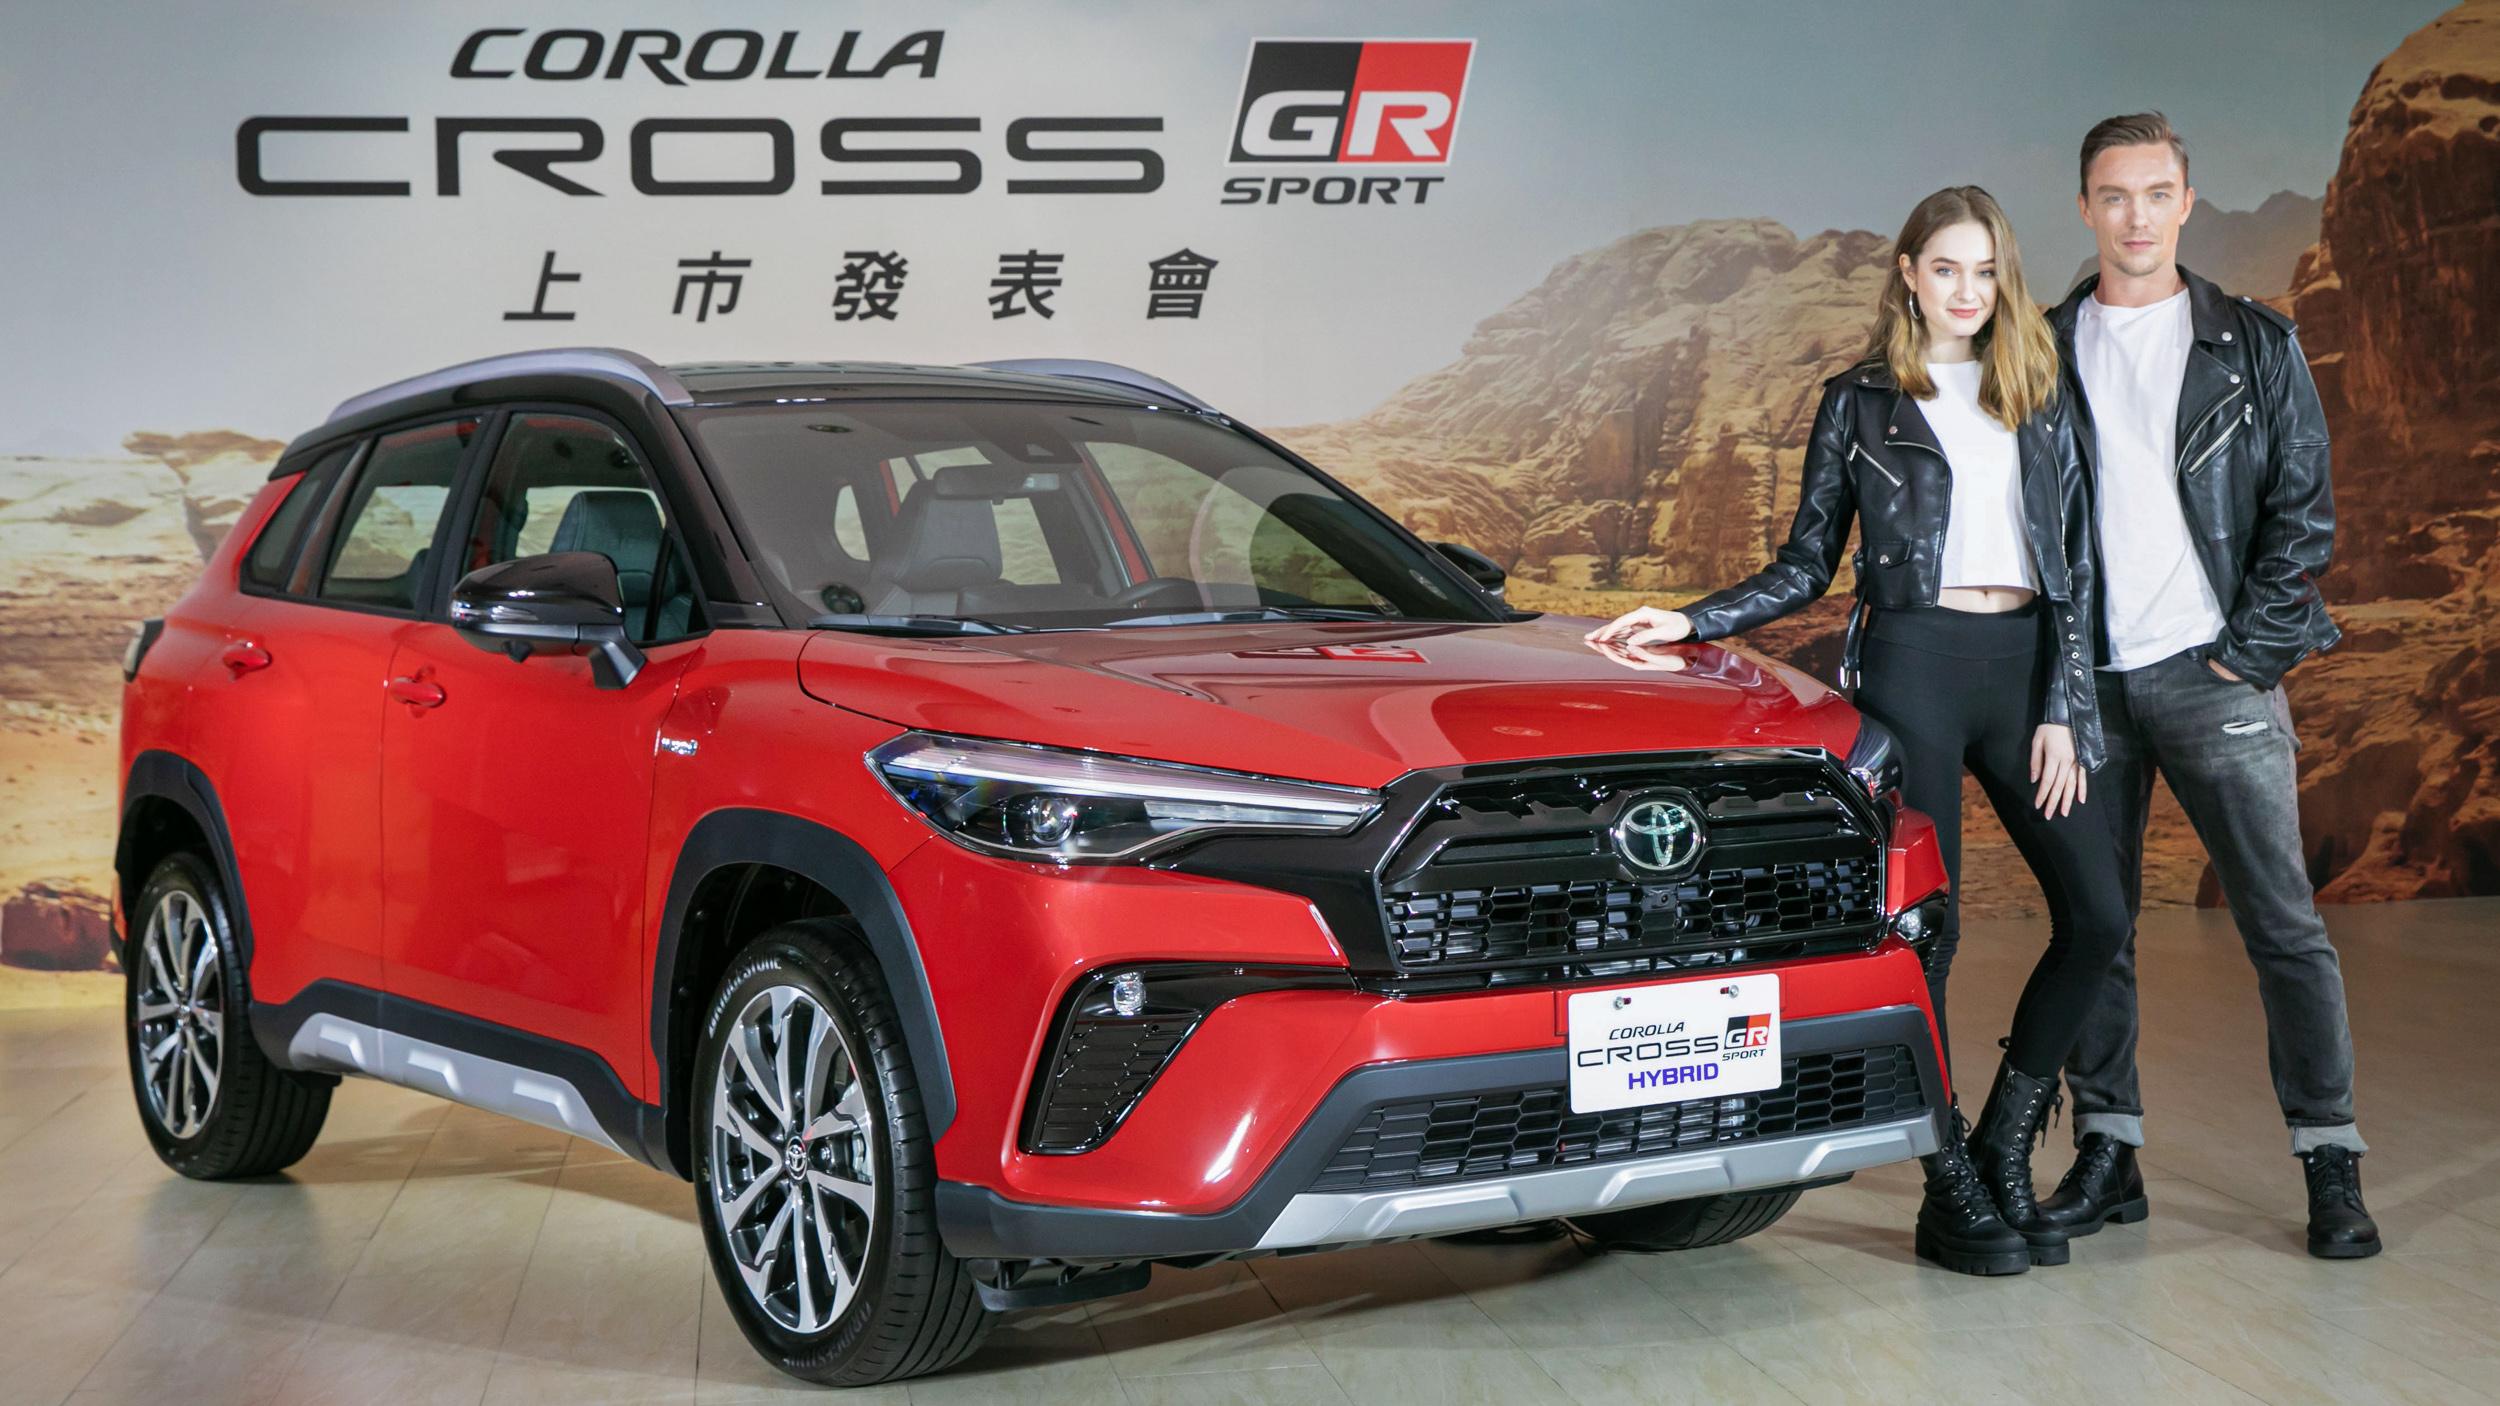 ▲ 換上運動外衣與強化底盤!Toyota Corolla Cross GR Sport 87.5 萬起開賣